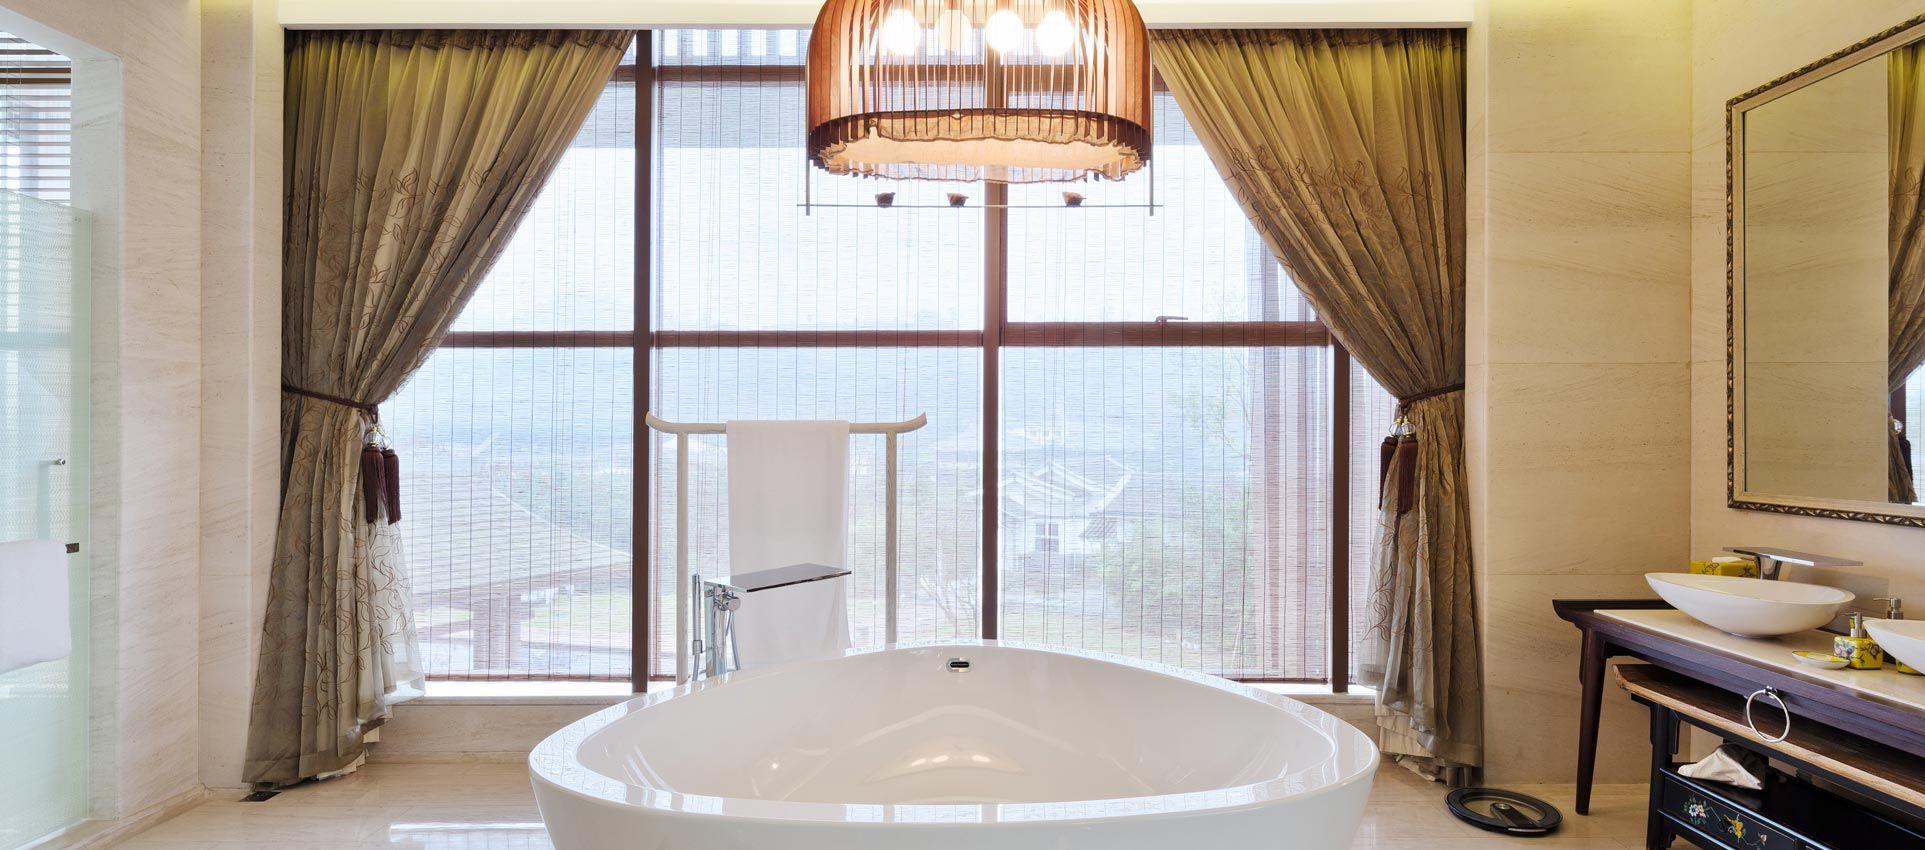 Badezimmer Gardinen Nach Mass Kaufen Fensterdeko Furs Bad In 2020 Bad Gardinen Gardinen Badezimmer Badezimmer